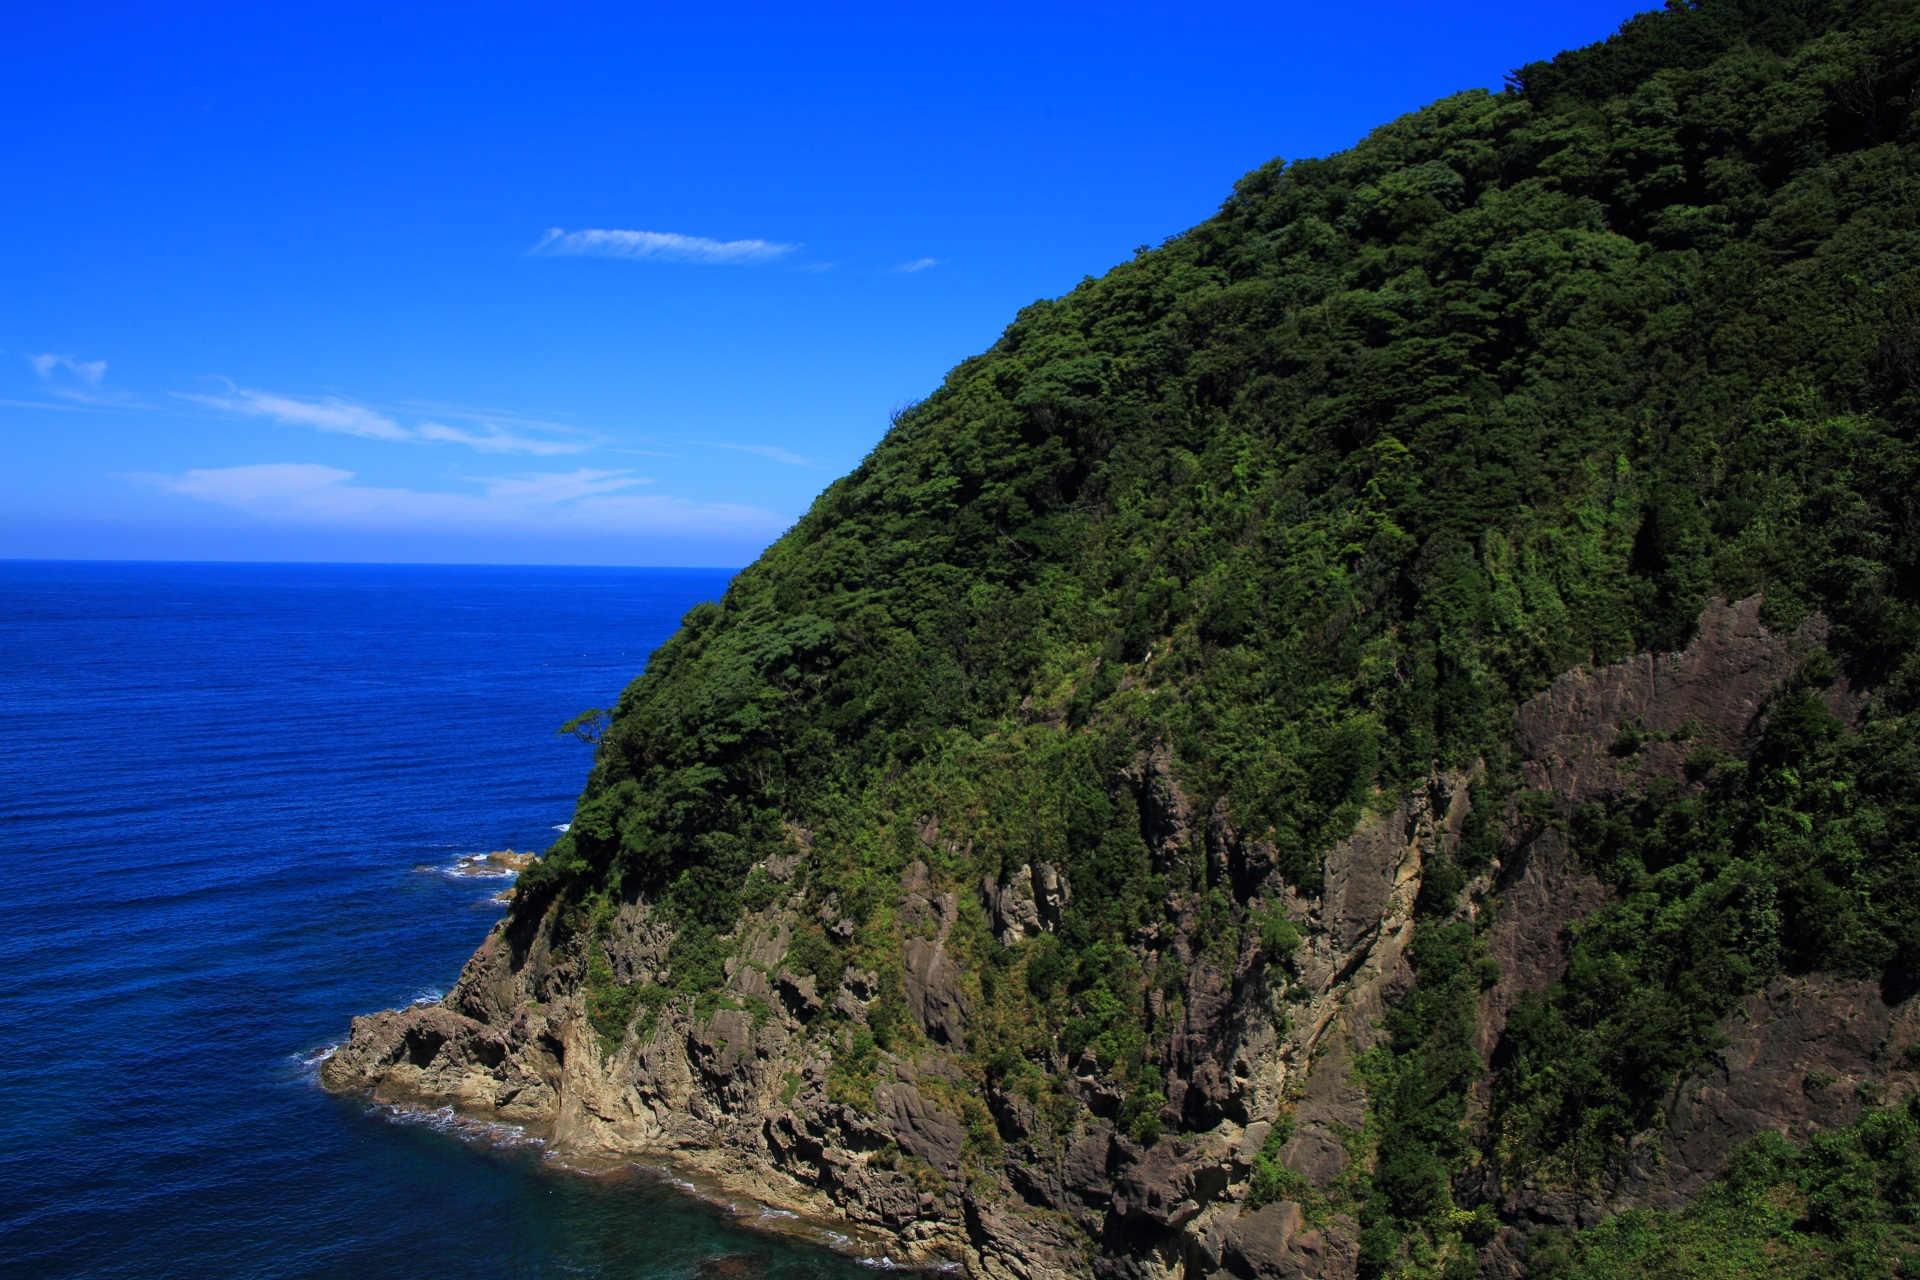 何度見ても豪快で迫力のあるカマヤ海岸の甲崎(さるざき)の断崖絶壁